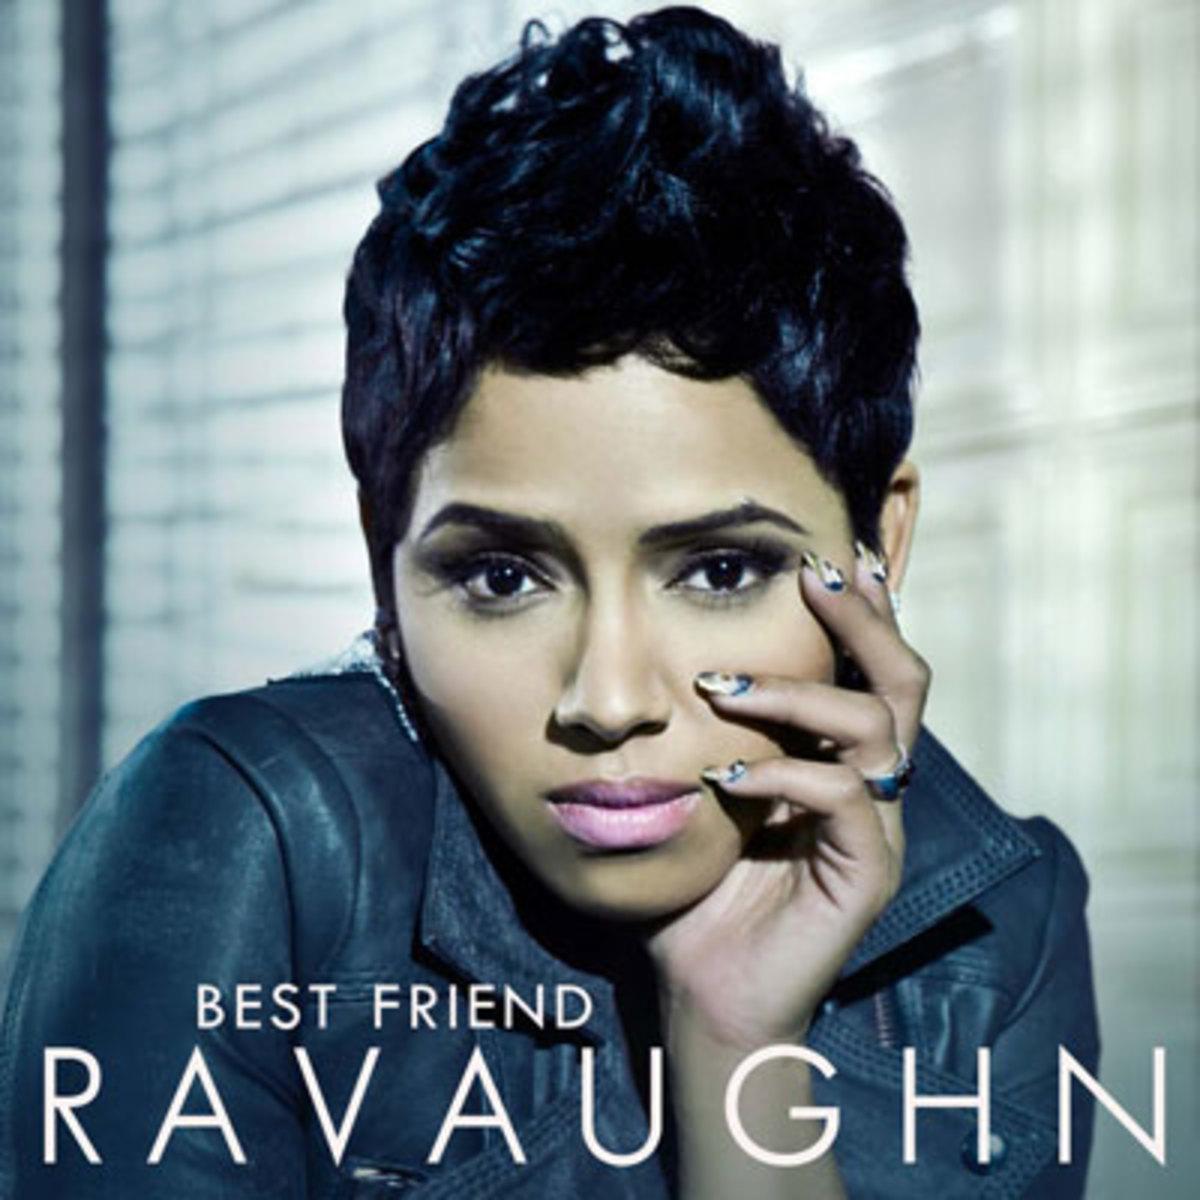 ravaughn-bestfriend.jpg